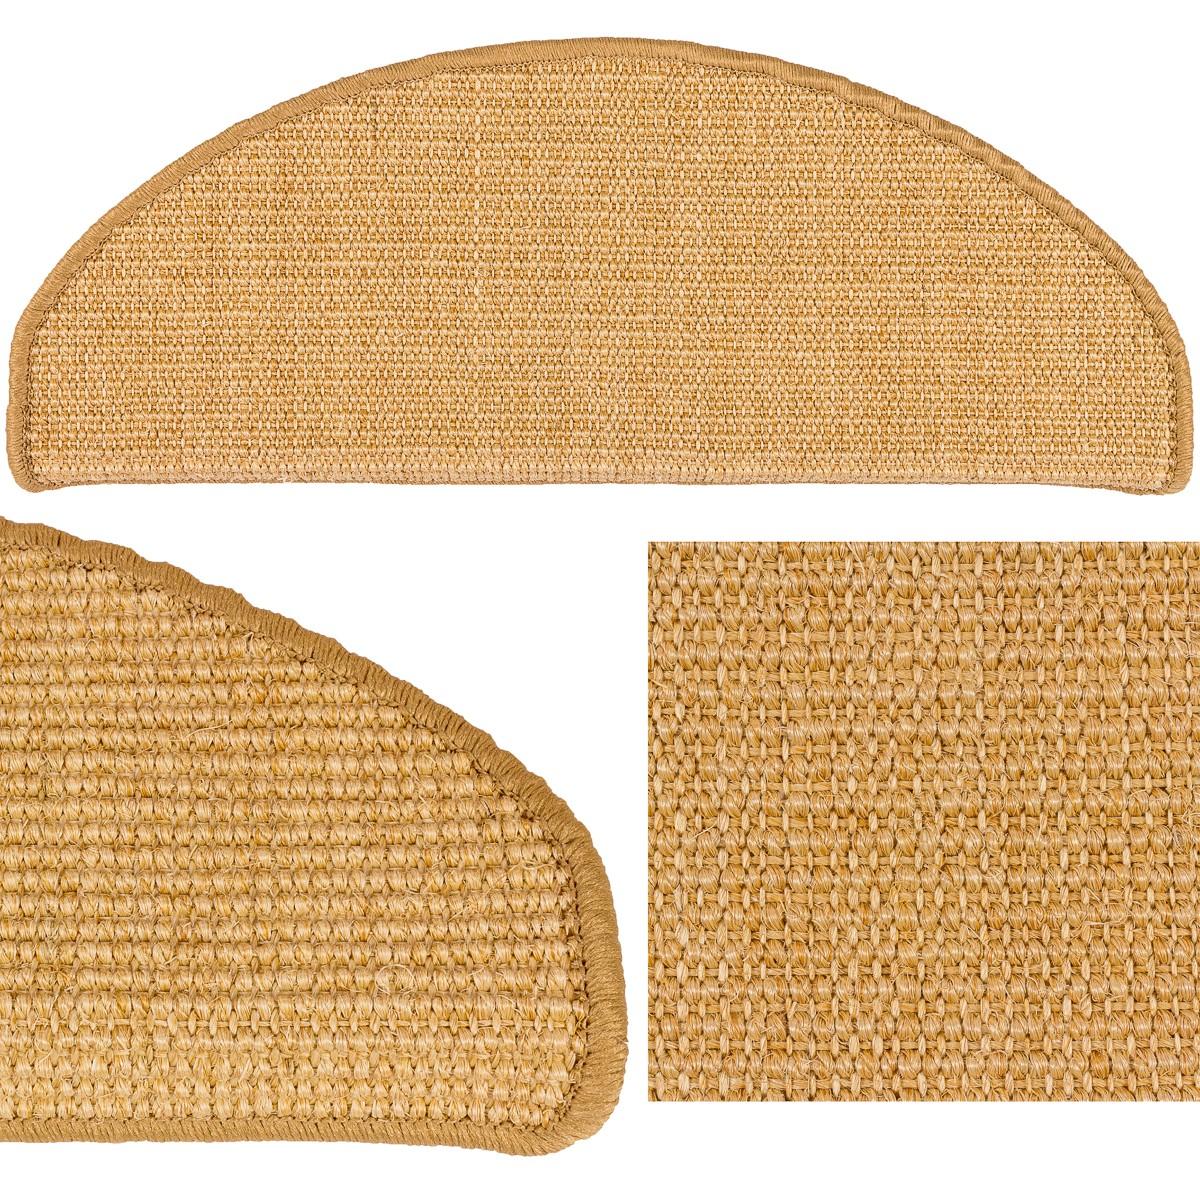 set 15 stufenmatten sisal treppenstufen sisal treppe in 2 gr en 13 farben. Black Bedroom Furniture Sets. Home Design Ideas